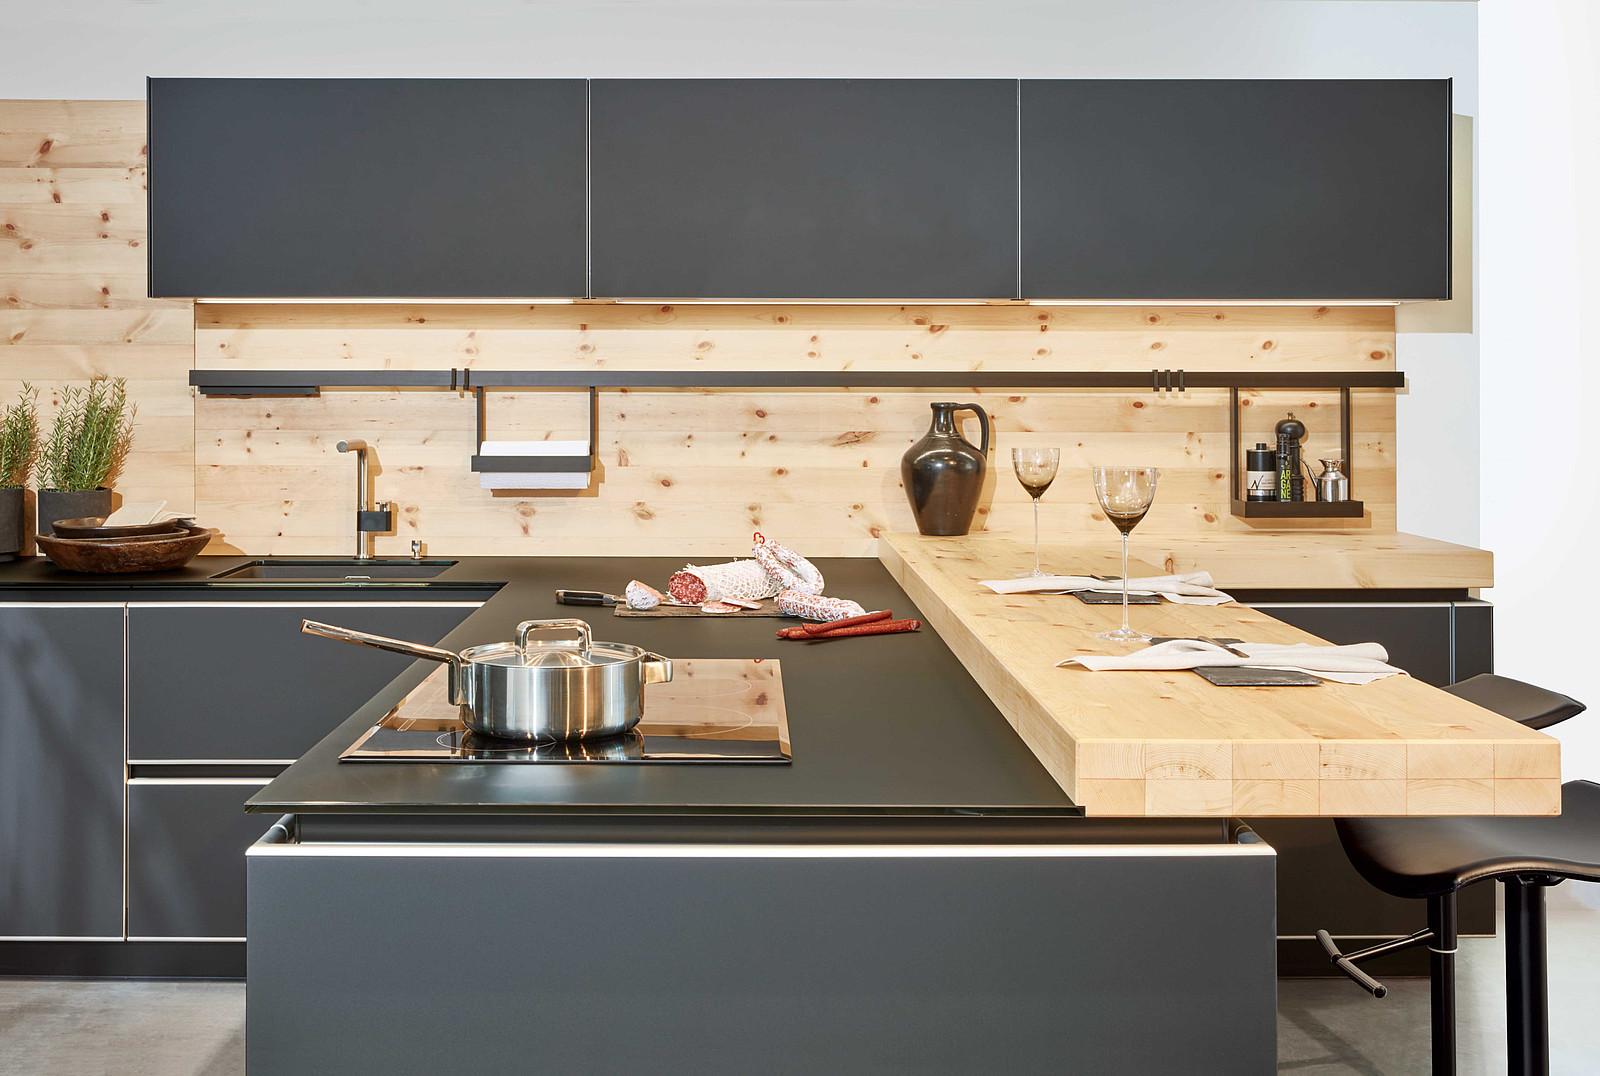 Full Size of Holzküche Auffrischen Holzküche Landhausstil Holzküche Streichen Welche Farbe Holzküche Neu Lackieren Küche Holzküche